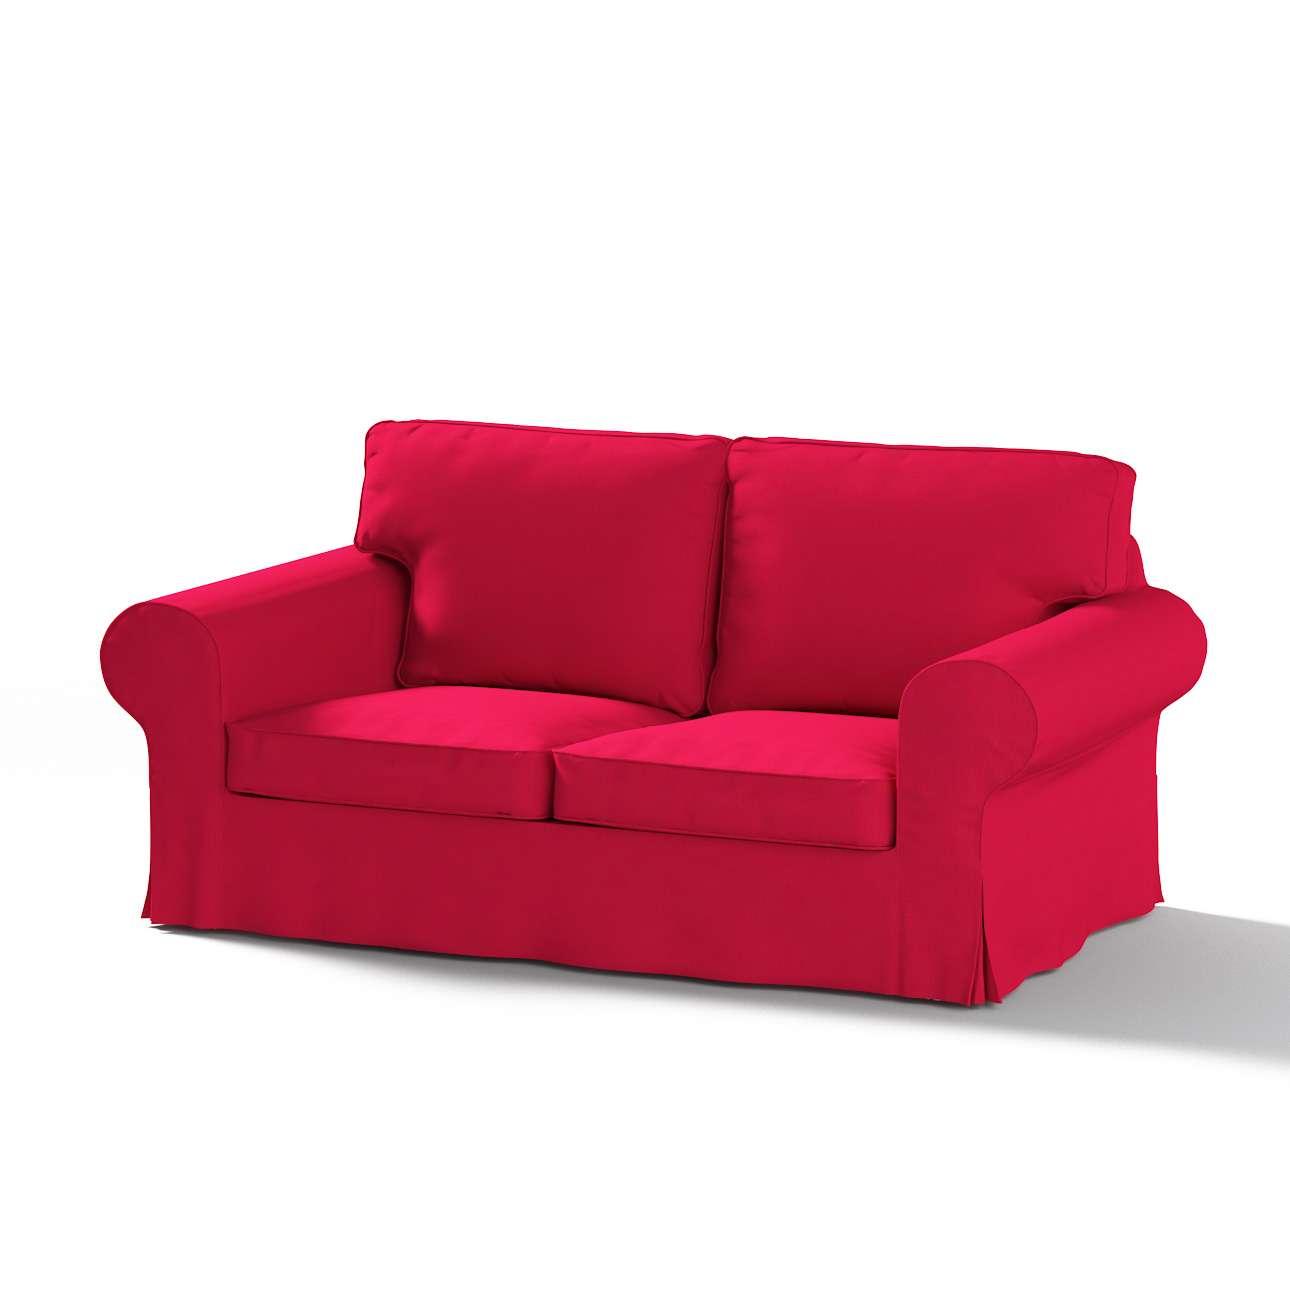 Ektorp 2 sæder sovesofa gammel model<br/>Bredde ca 195cm Betræk uden sofa fra kollektionen Etna, Stof: 705-60